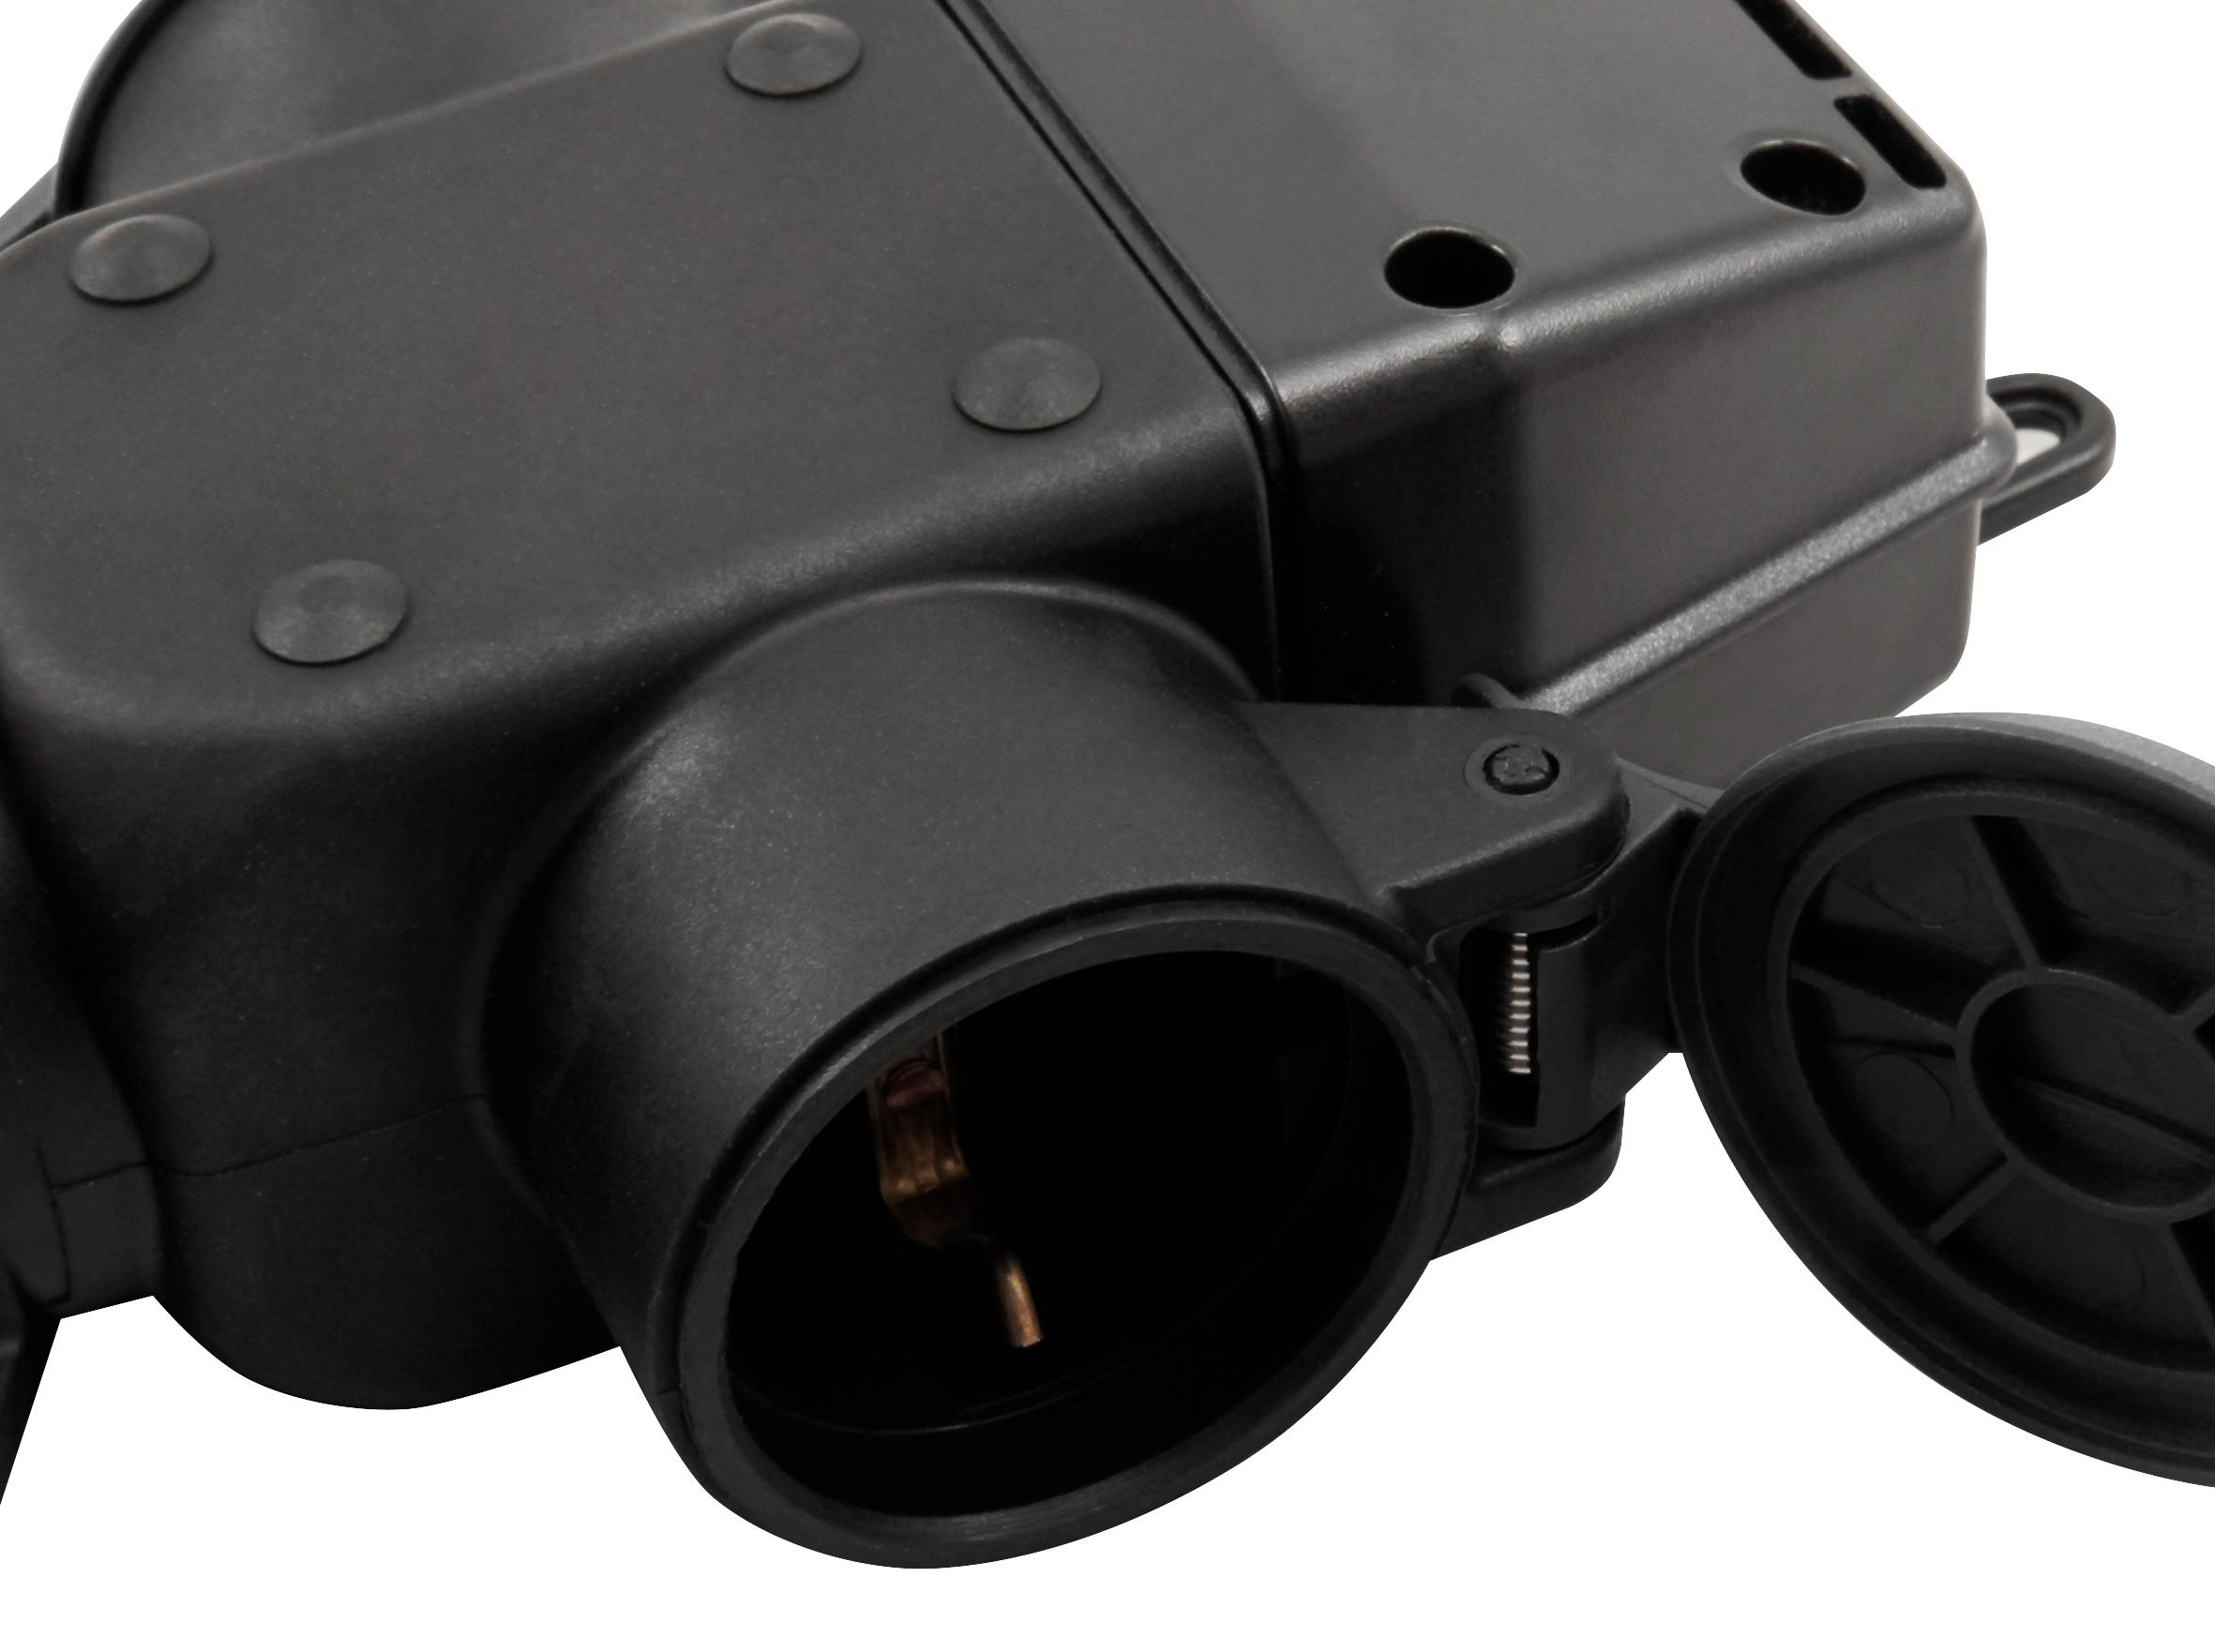 Schutzkontakt-Verteiler McPower, 3-fach, IP44 - für Außen, 16A